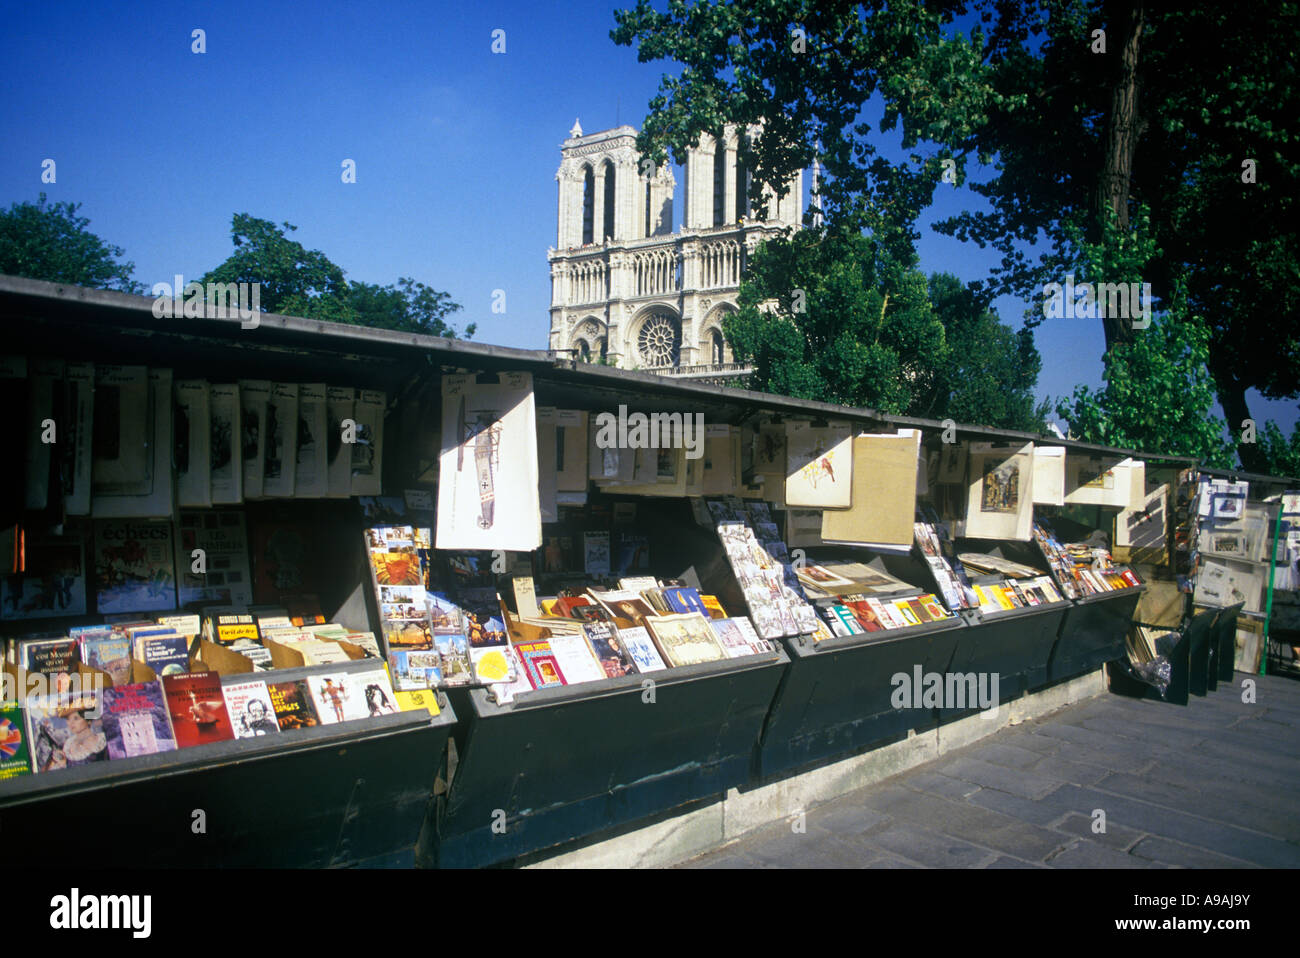 LES BOUQUINISTES DES QUAIS DE SEINE BOOK SELLER STALLS NOTRE DAME CATHEDRAL PARIS FRANCE - Stock Image